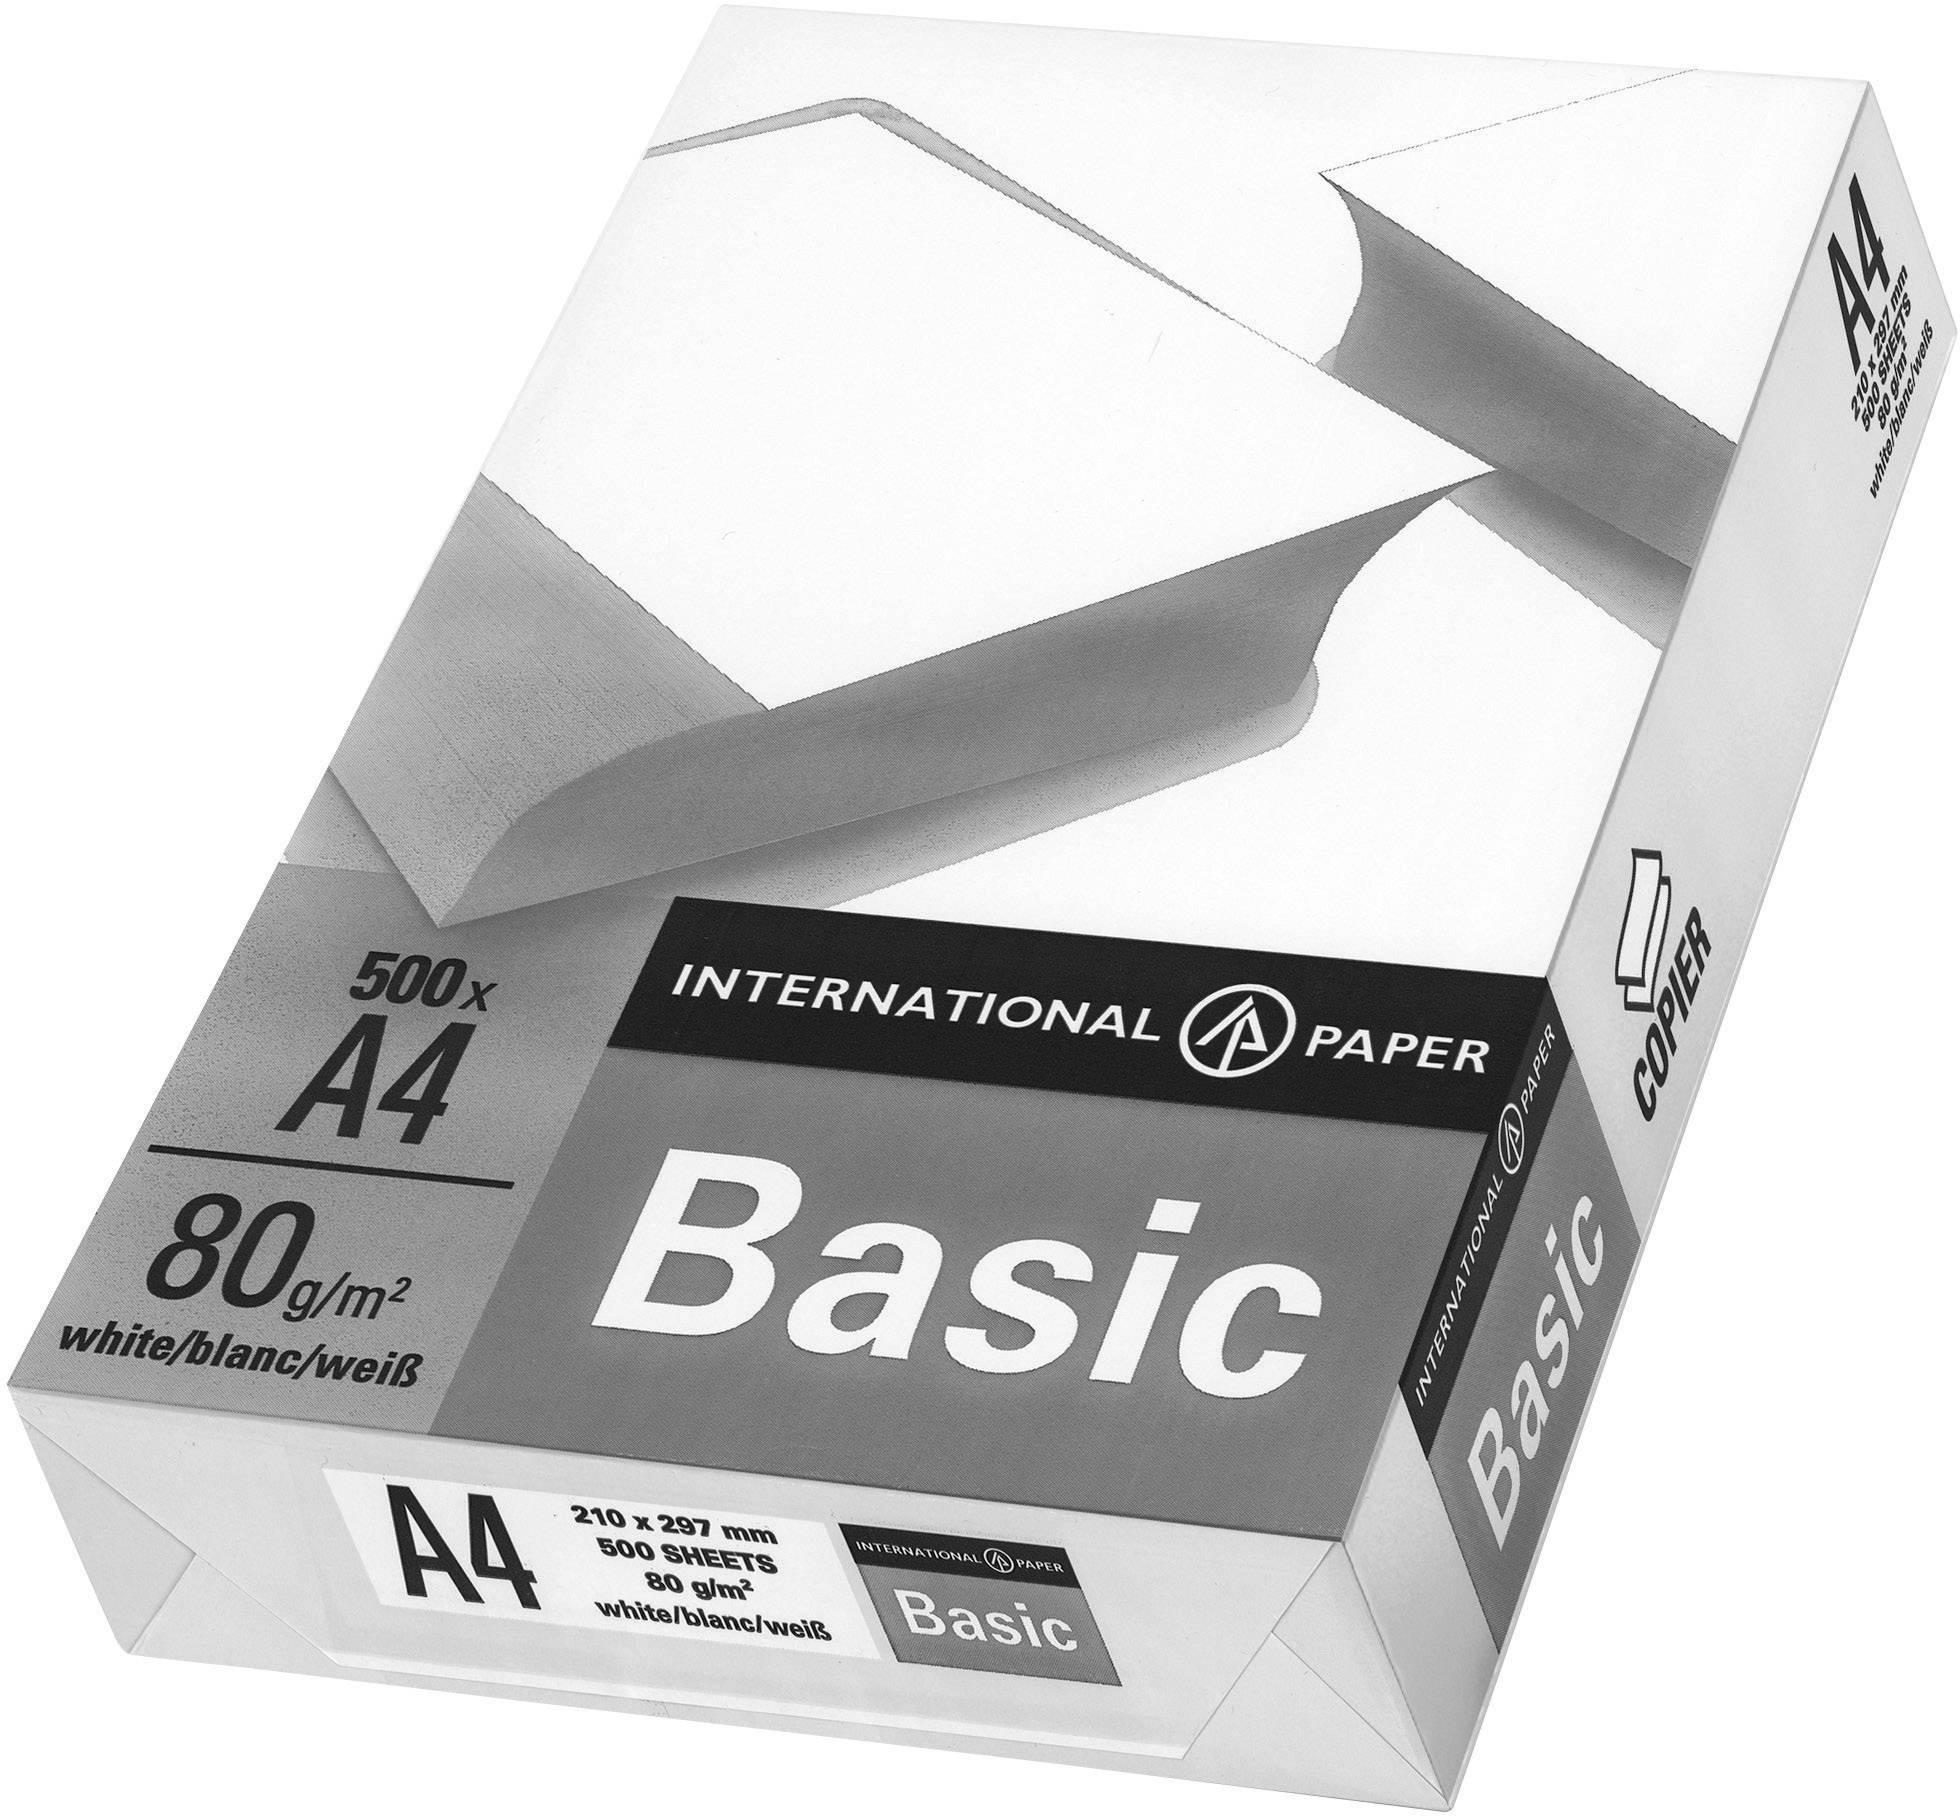 Univerzálny papier do tlačiarne International Paper IP Basic, 88070920 A4, 80 gm², 500 listov